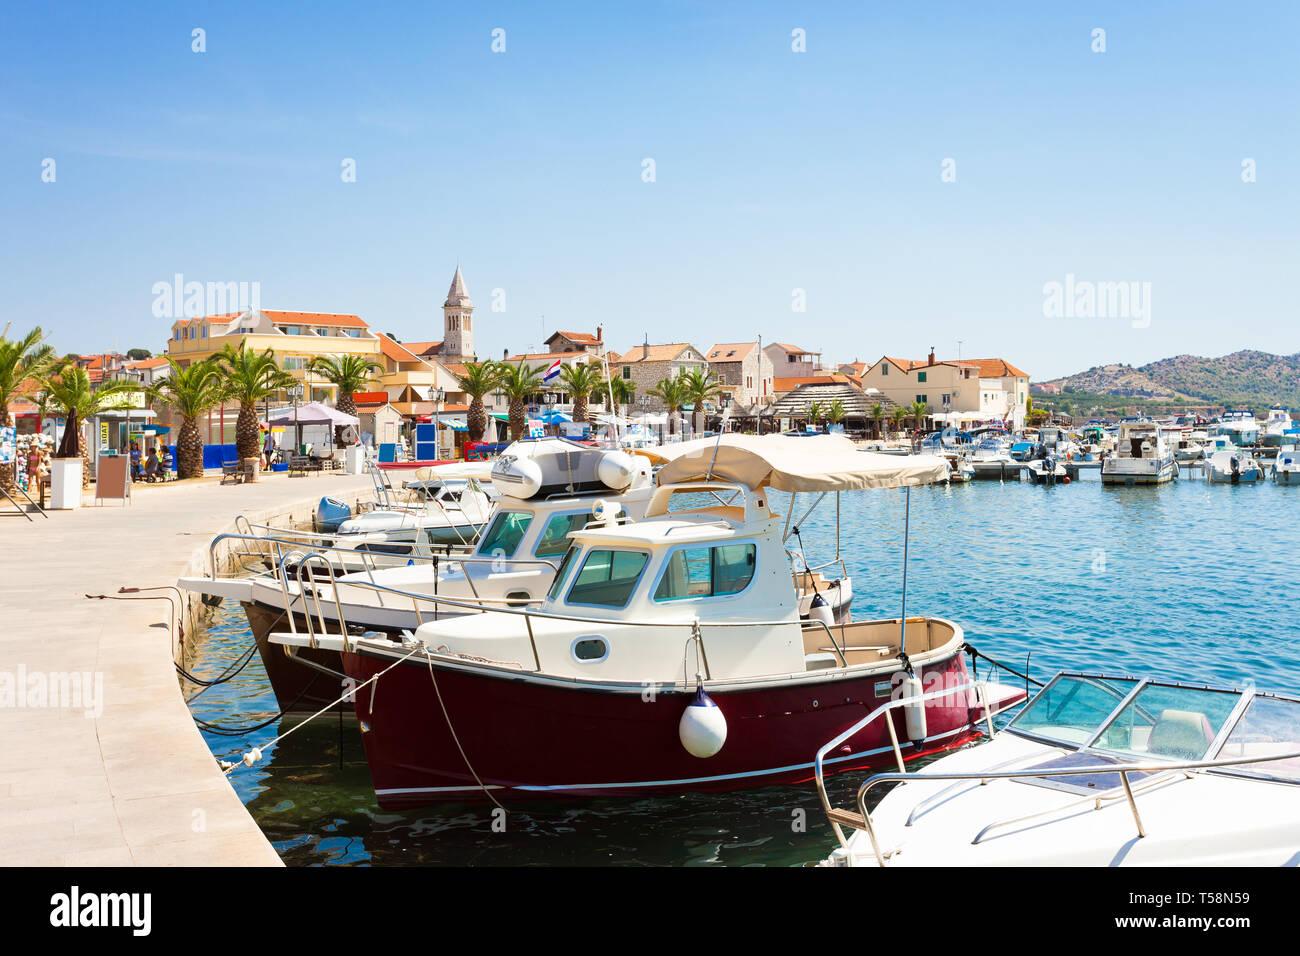 Pakostane, Kroatien, Europa - Hafen und der Altstadt von Zadar Stockfoto